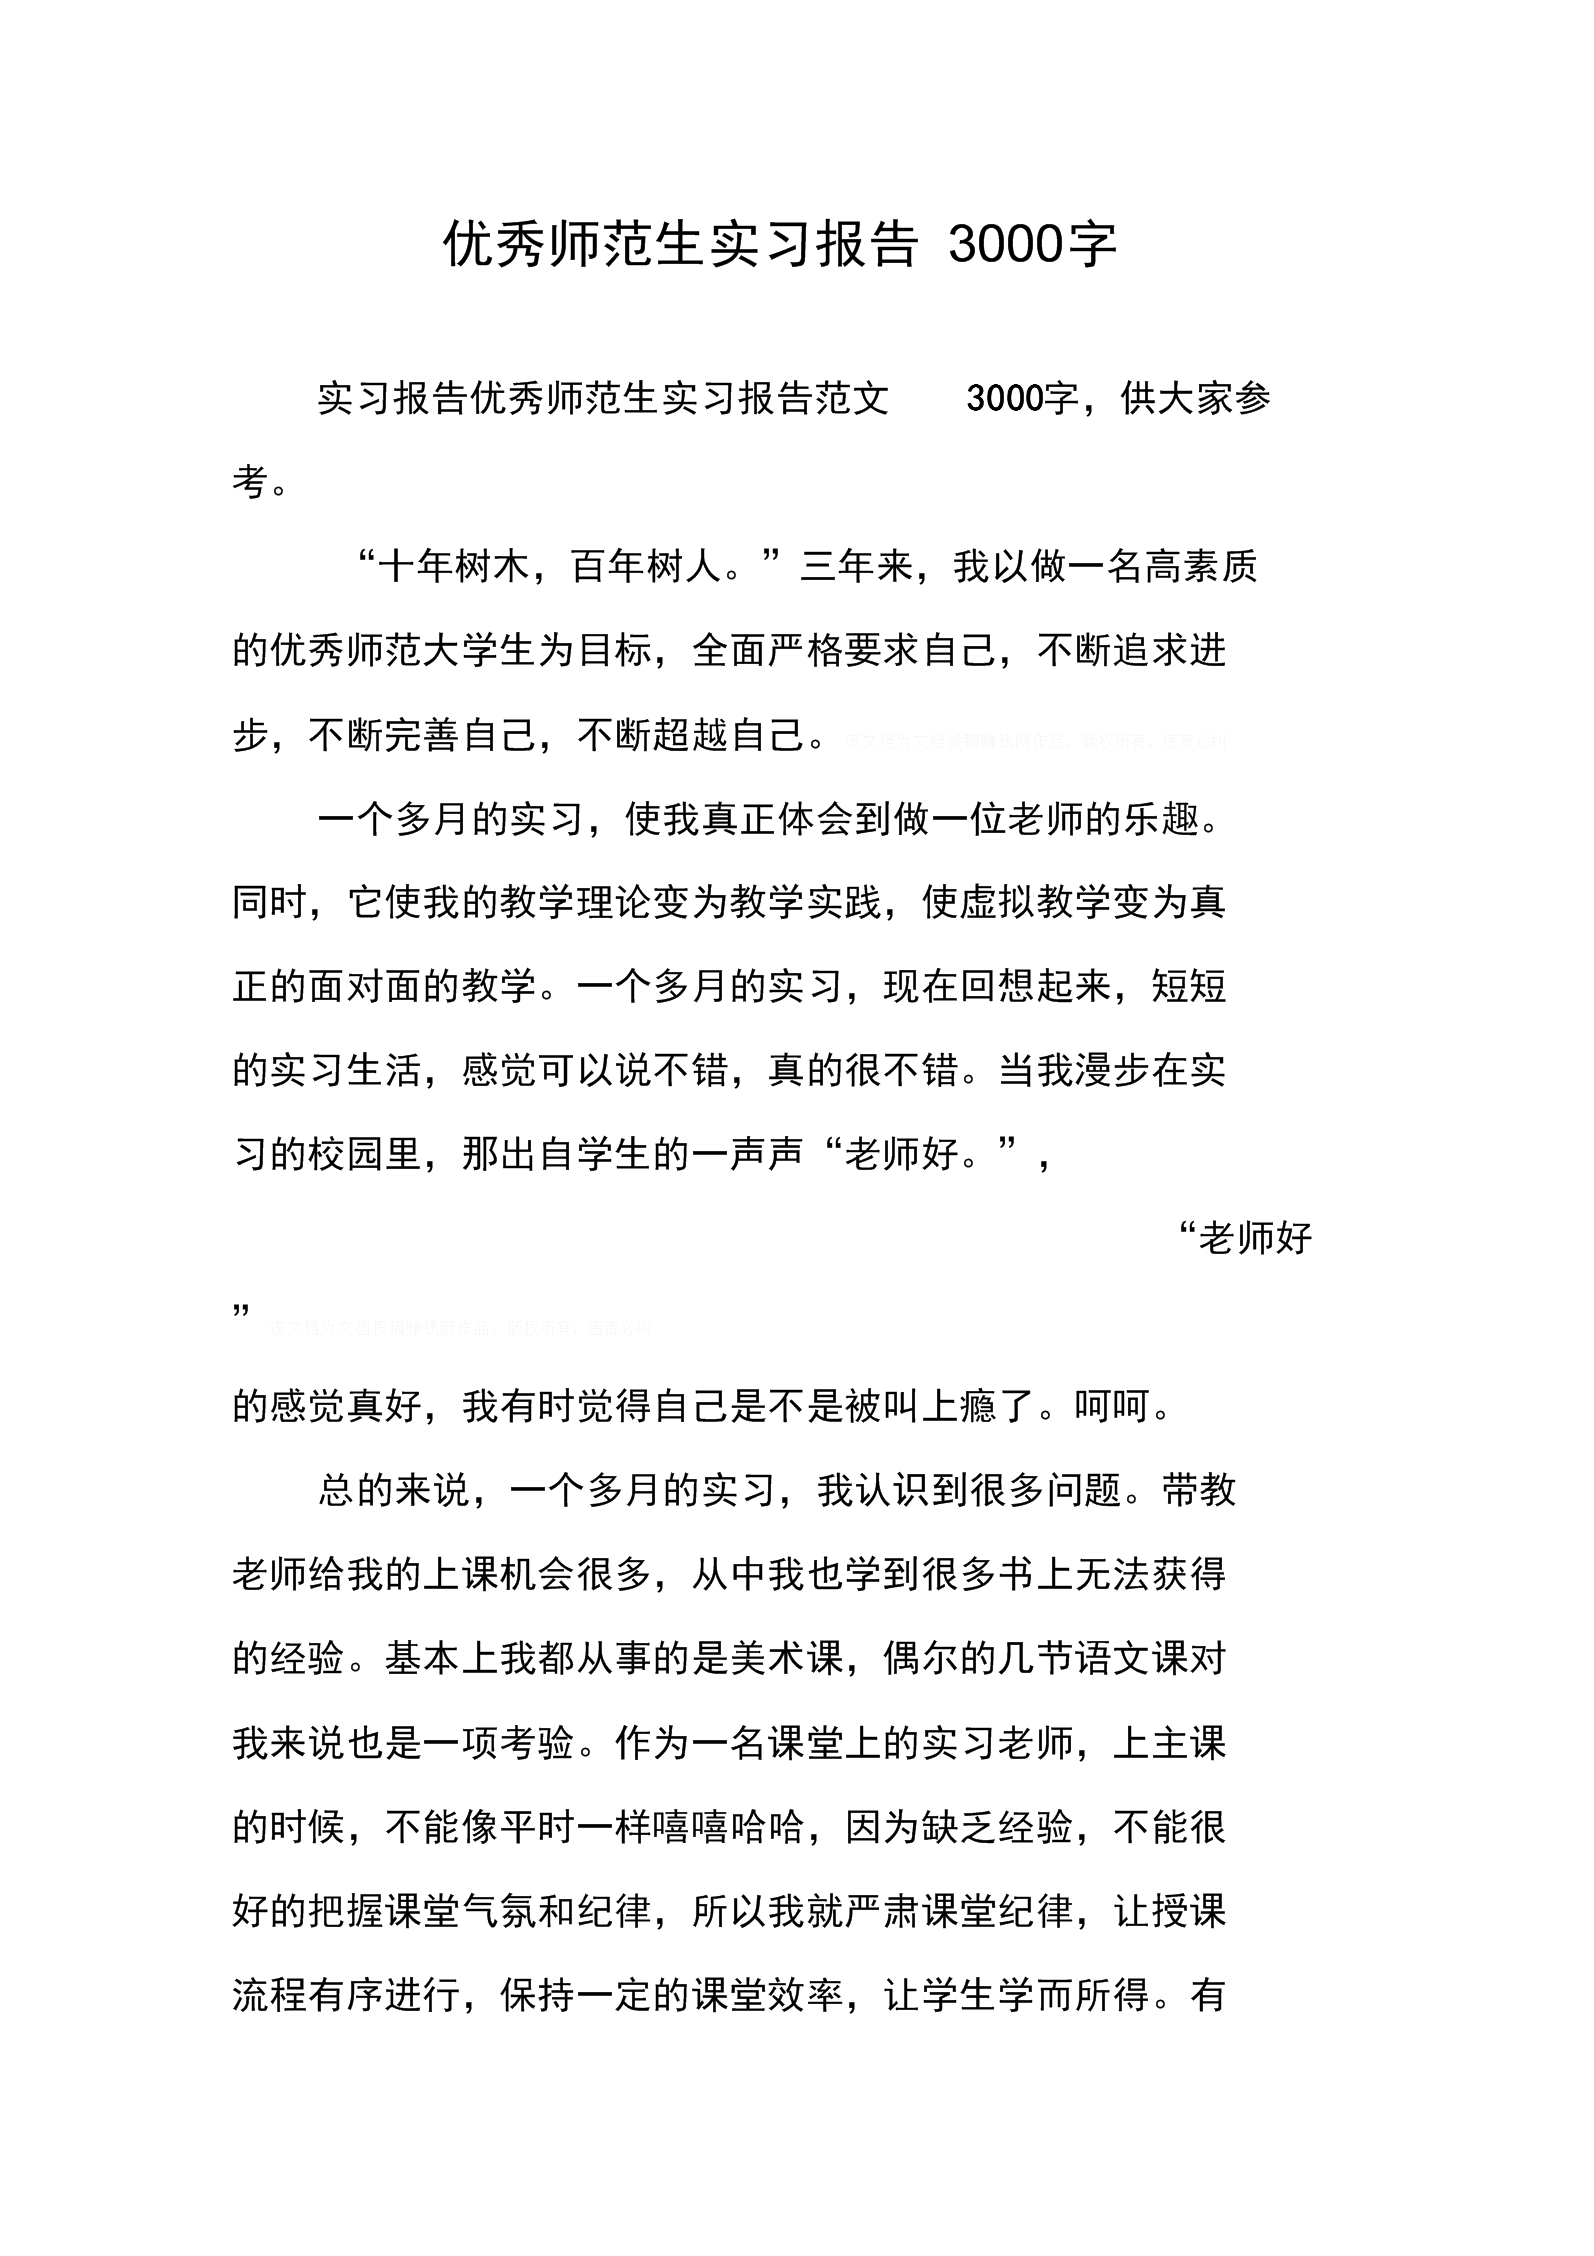 优秀师范生实习报告3000字.docx